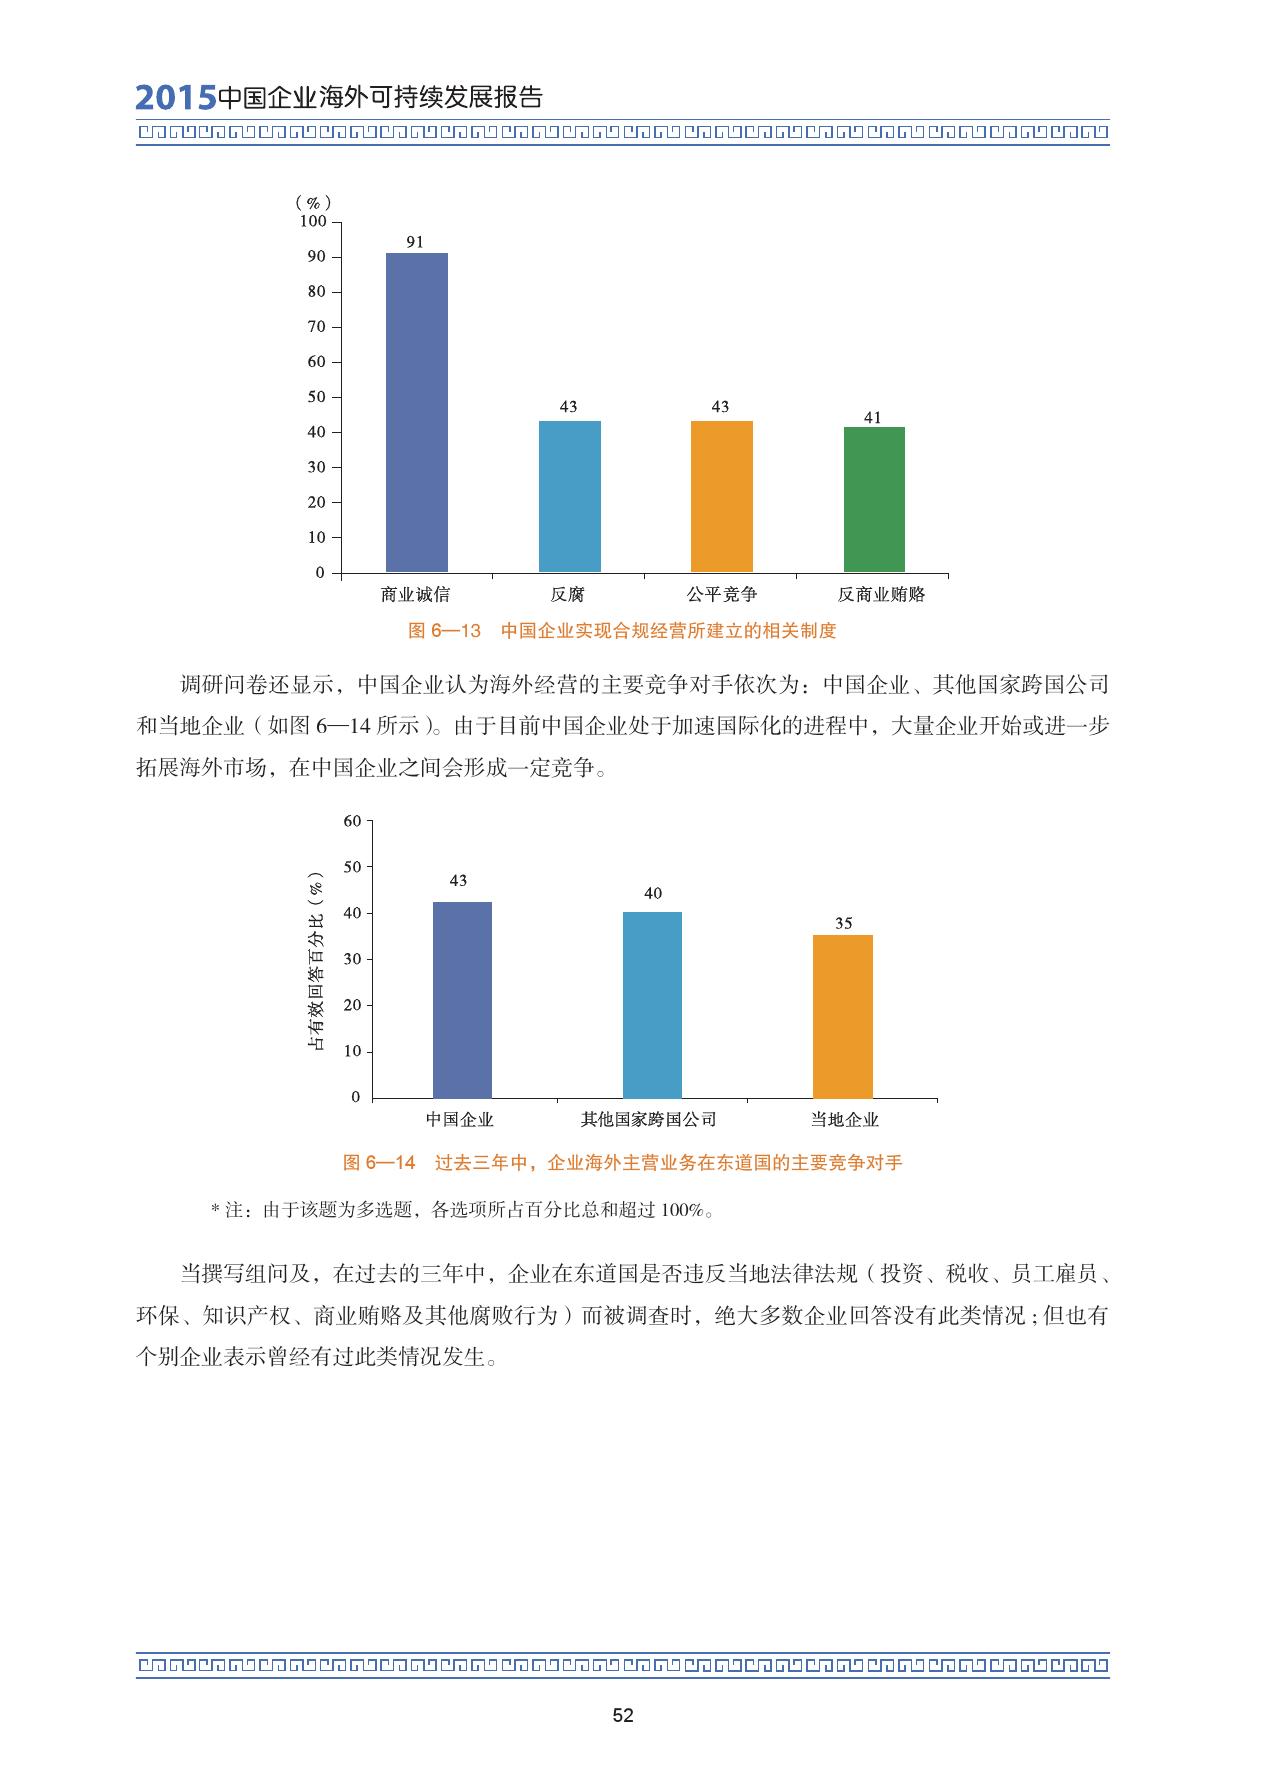 2015中国企业海外可持续发展报告_000066